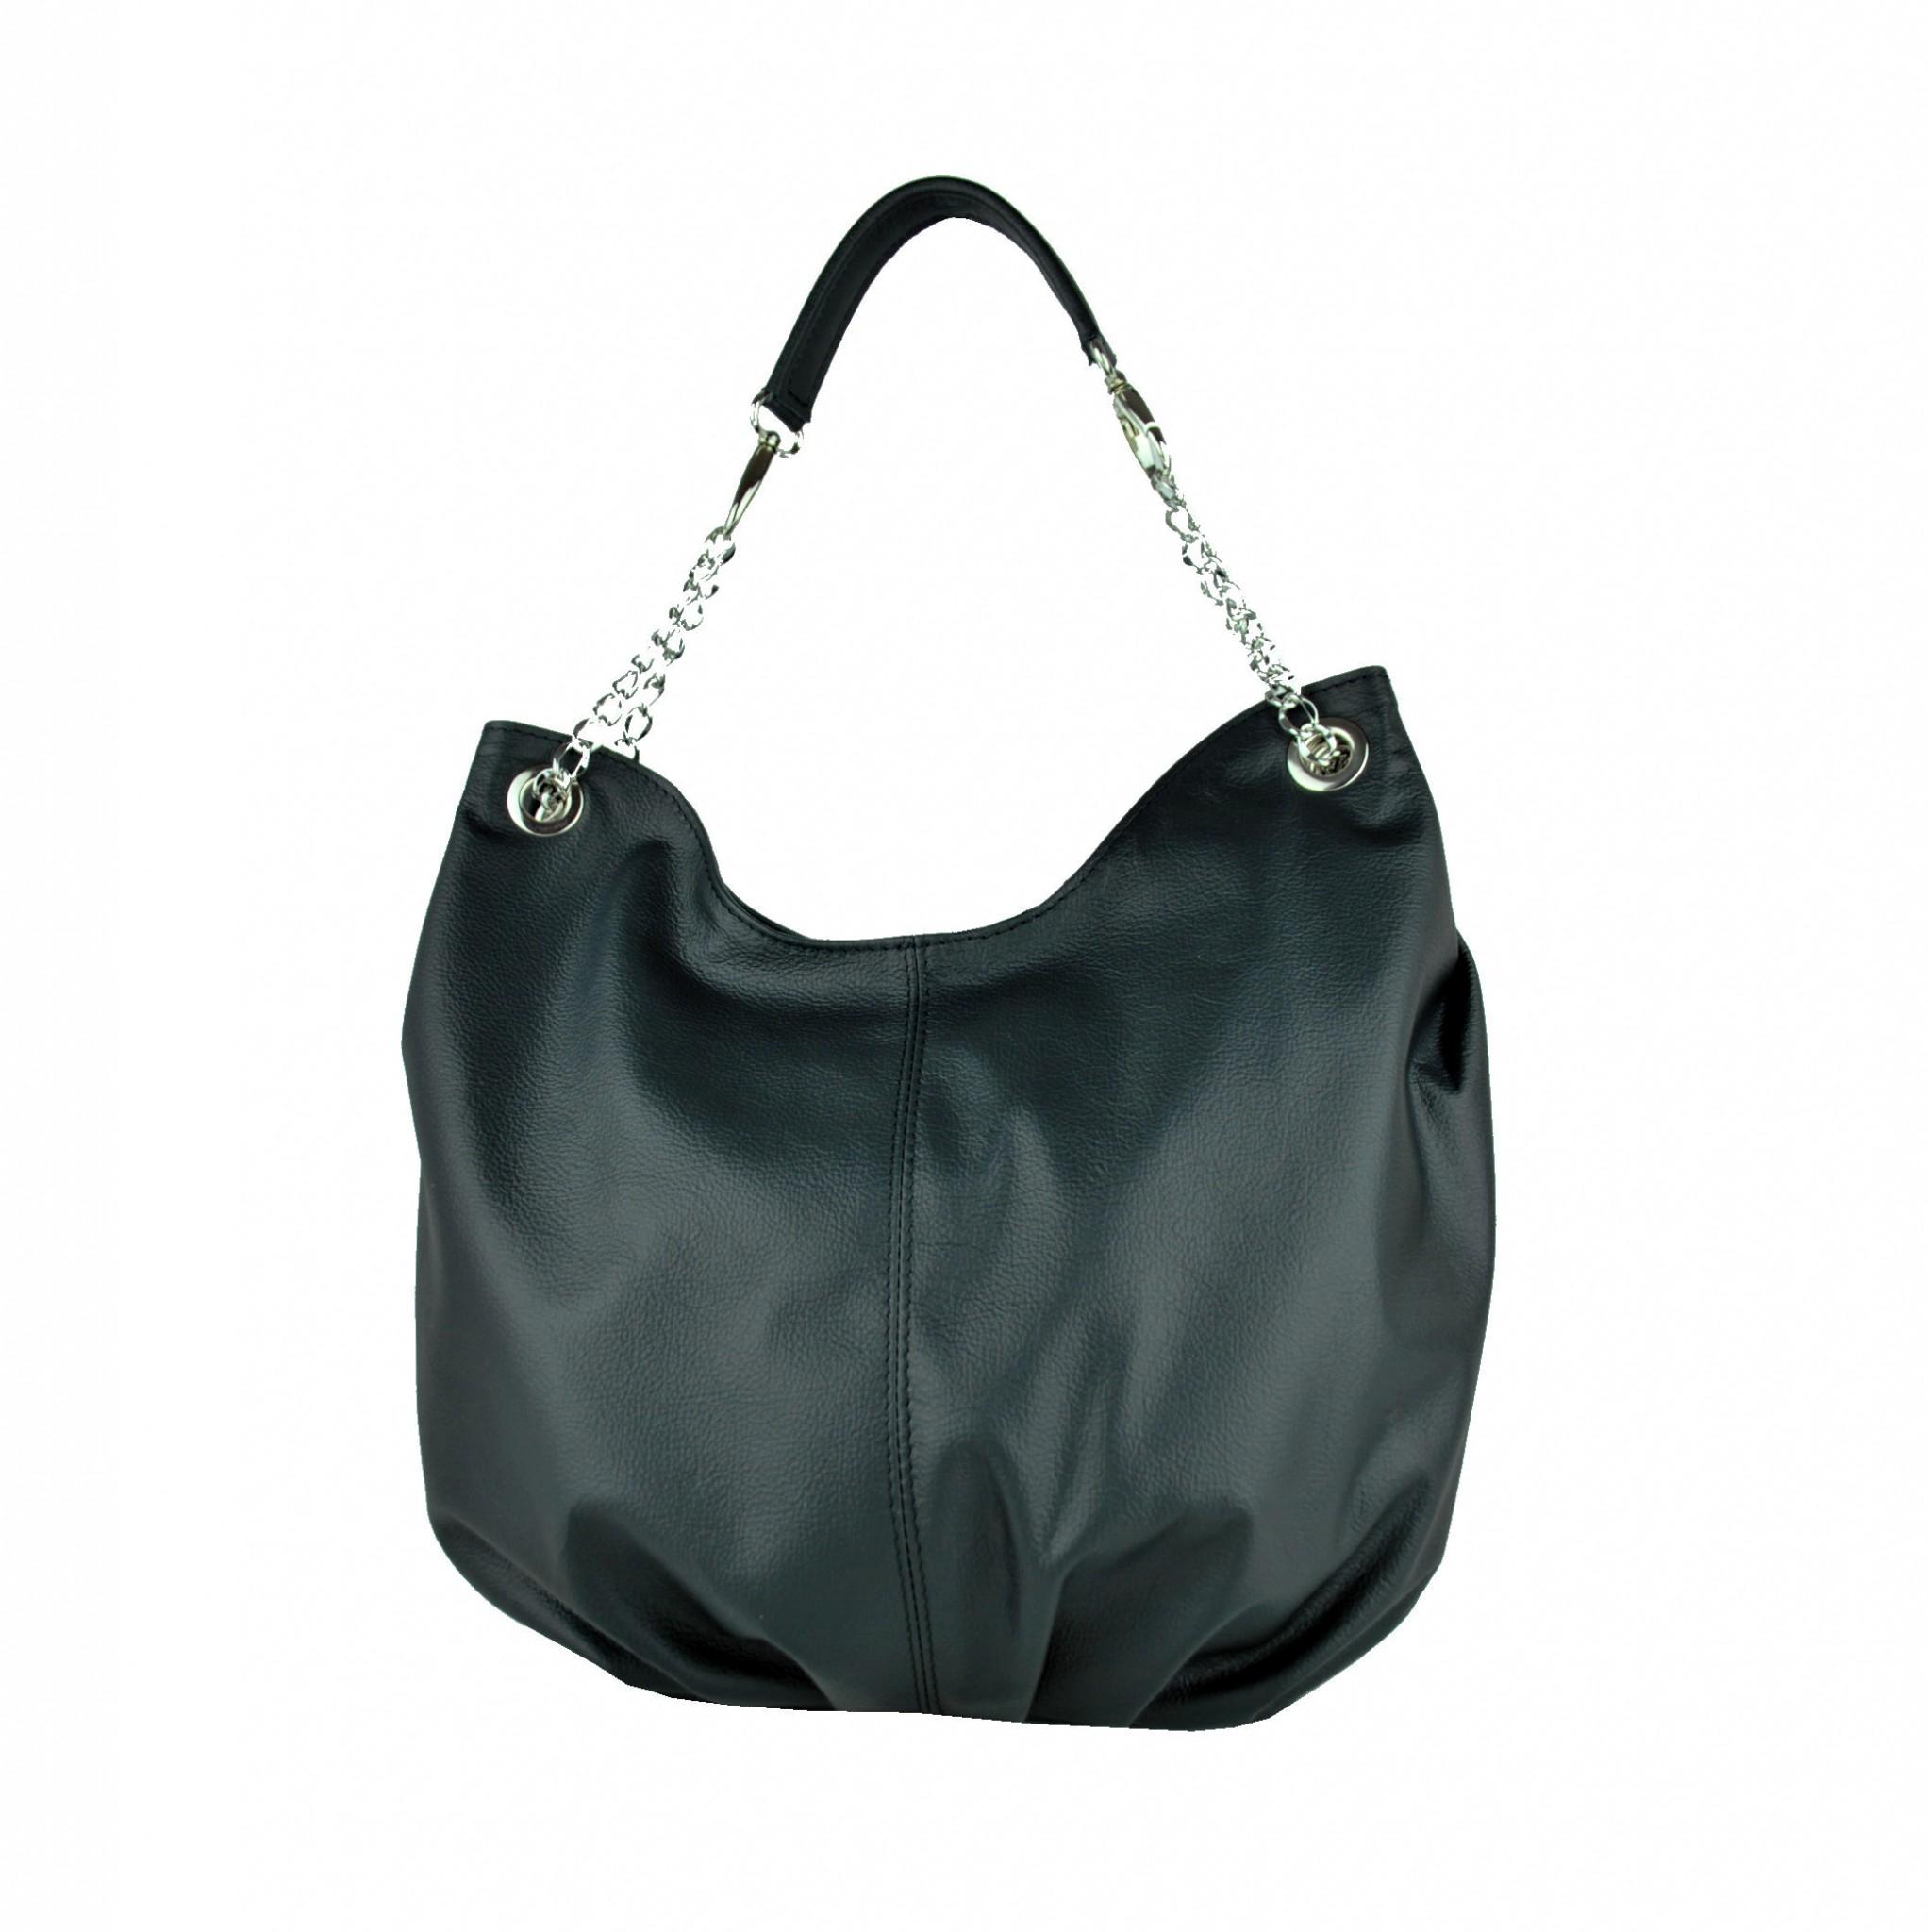 03f96c60bf Dámska štýlová kožená kabelka v čiernej farbe - Kožená galantéria ...